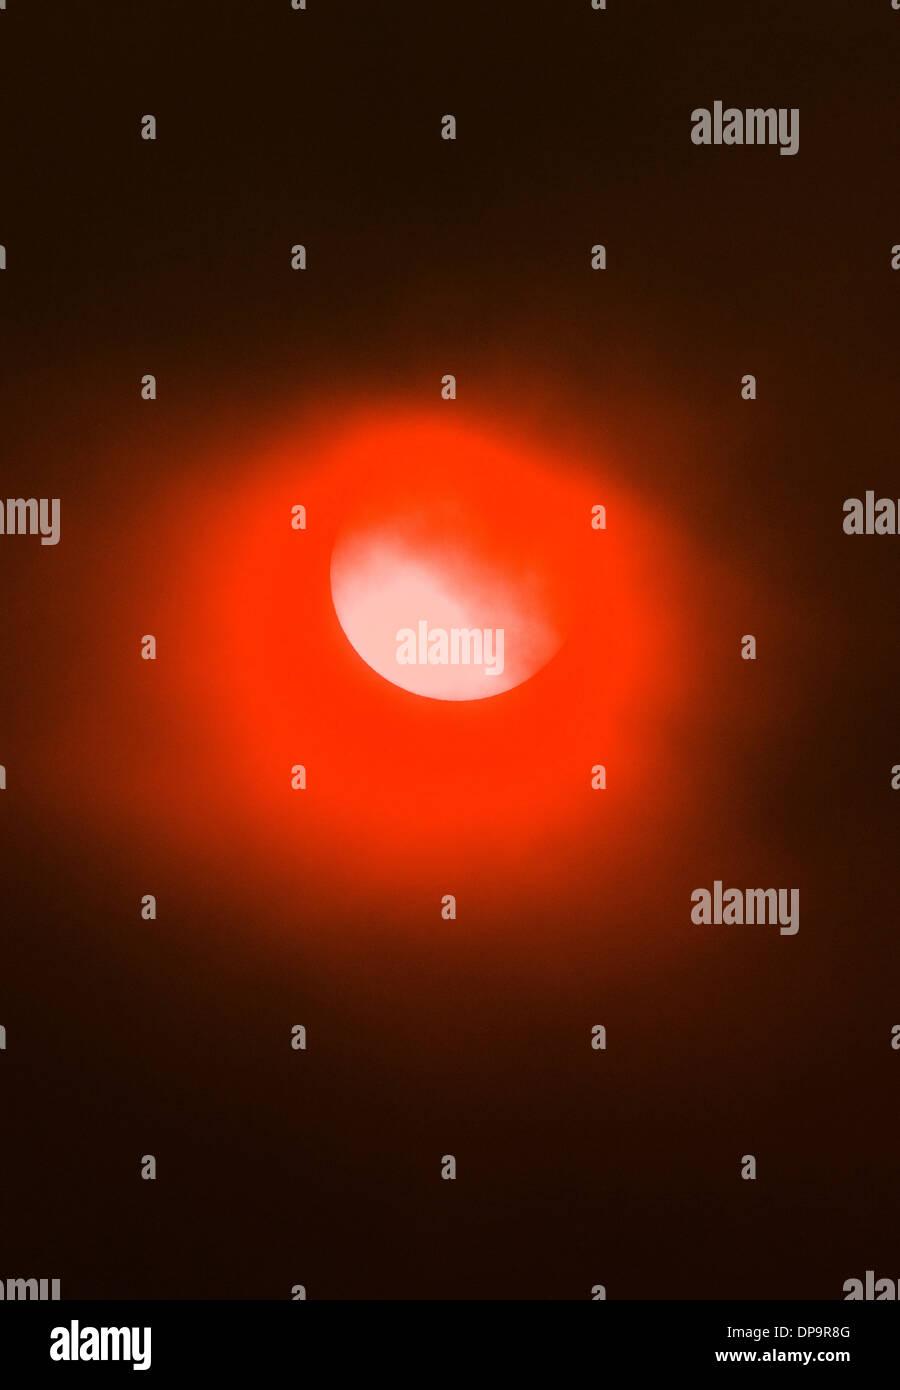 El humo de los incendios de bosques crea un inusual misterioso halo naranja a la puesta de sol. Imagen De Stock